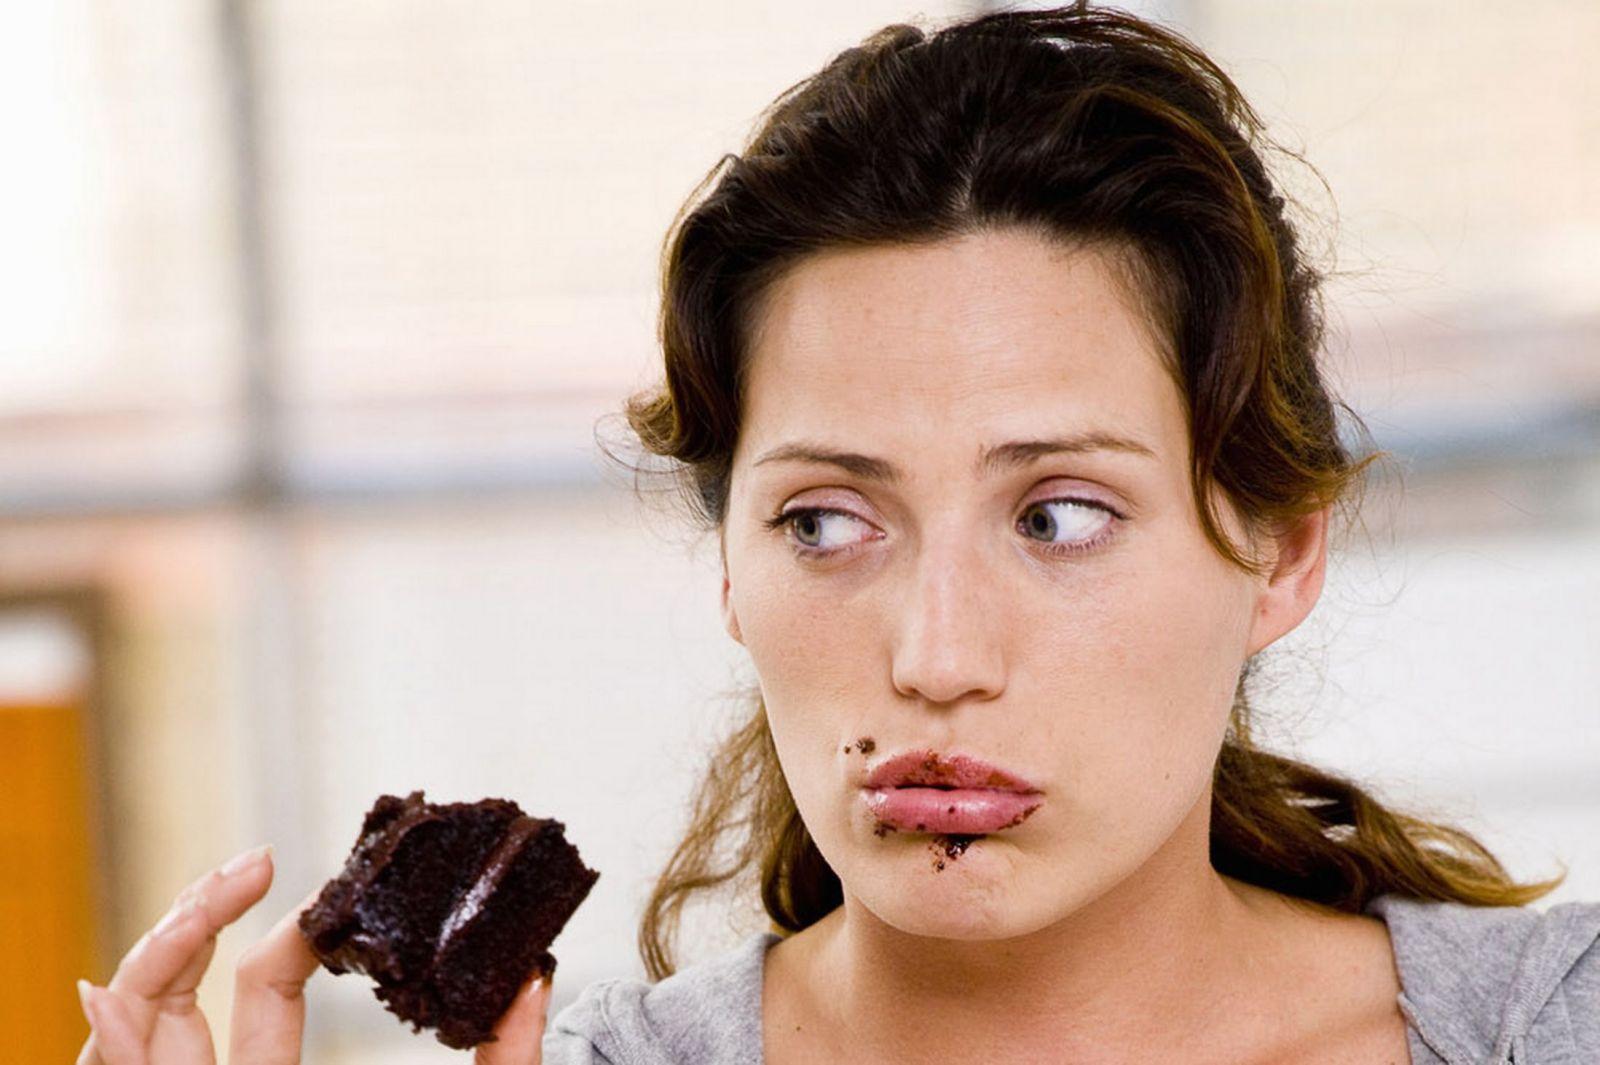 Булимия и анорексия: как распознать и обезвредить - фото №1